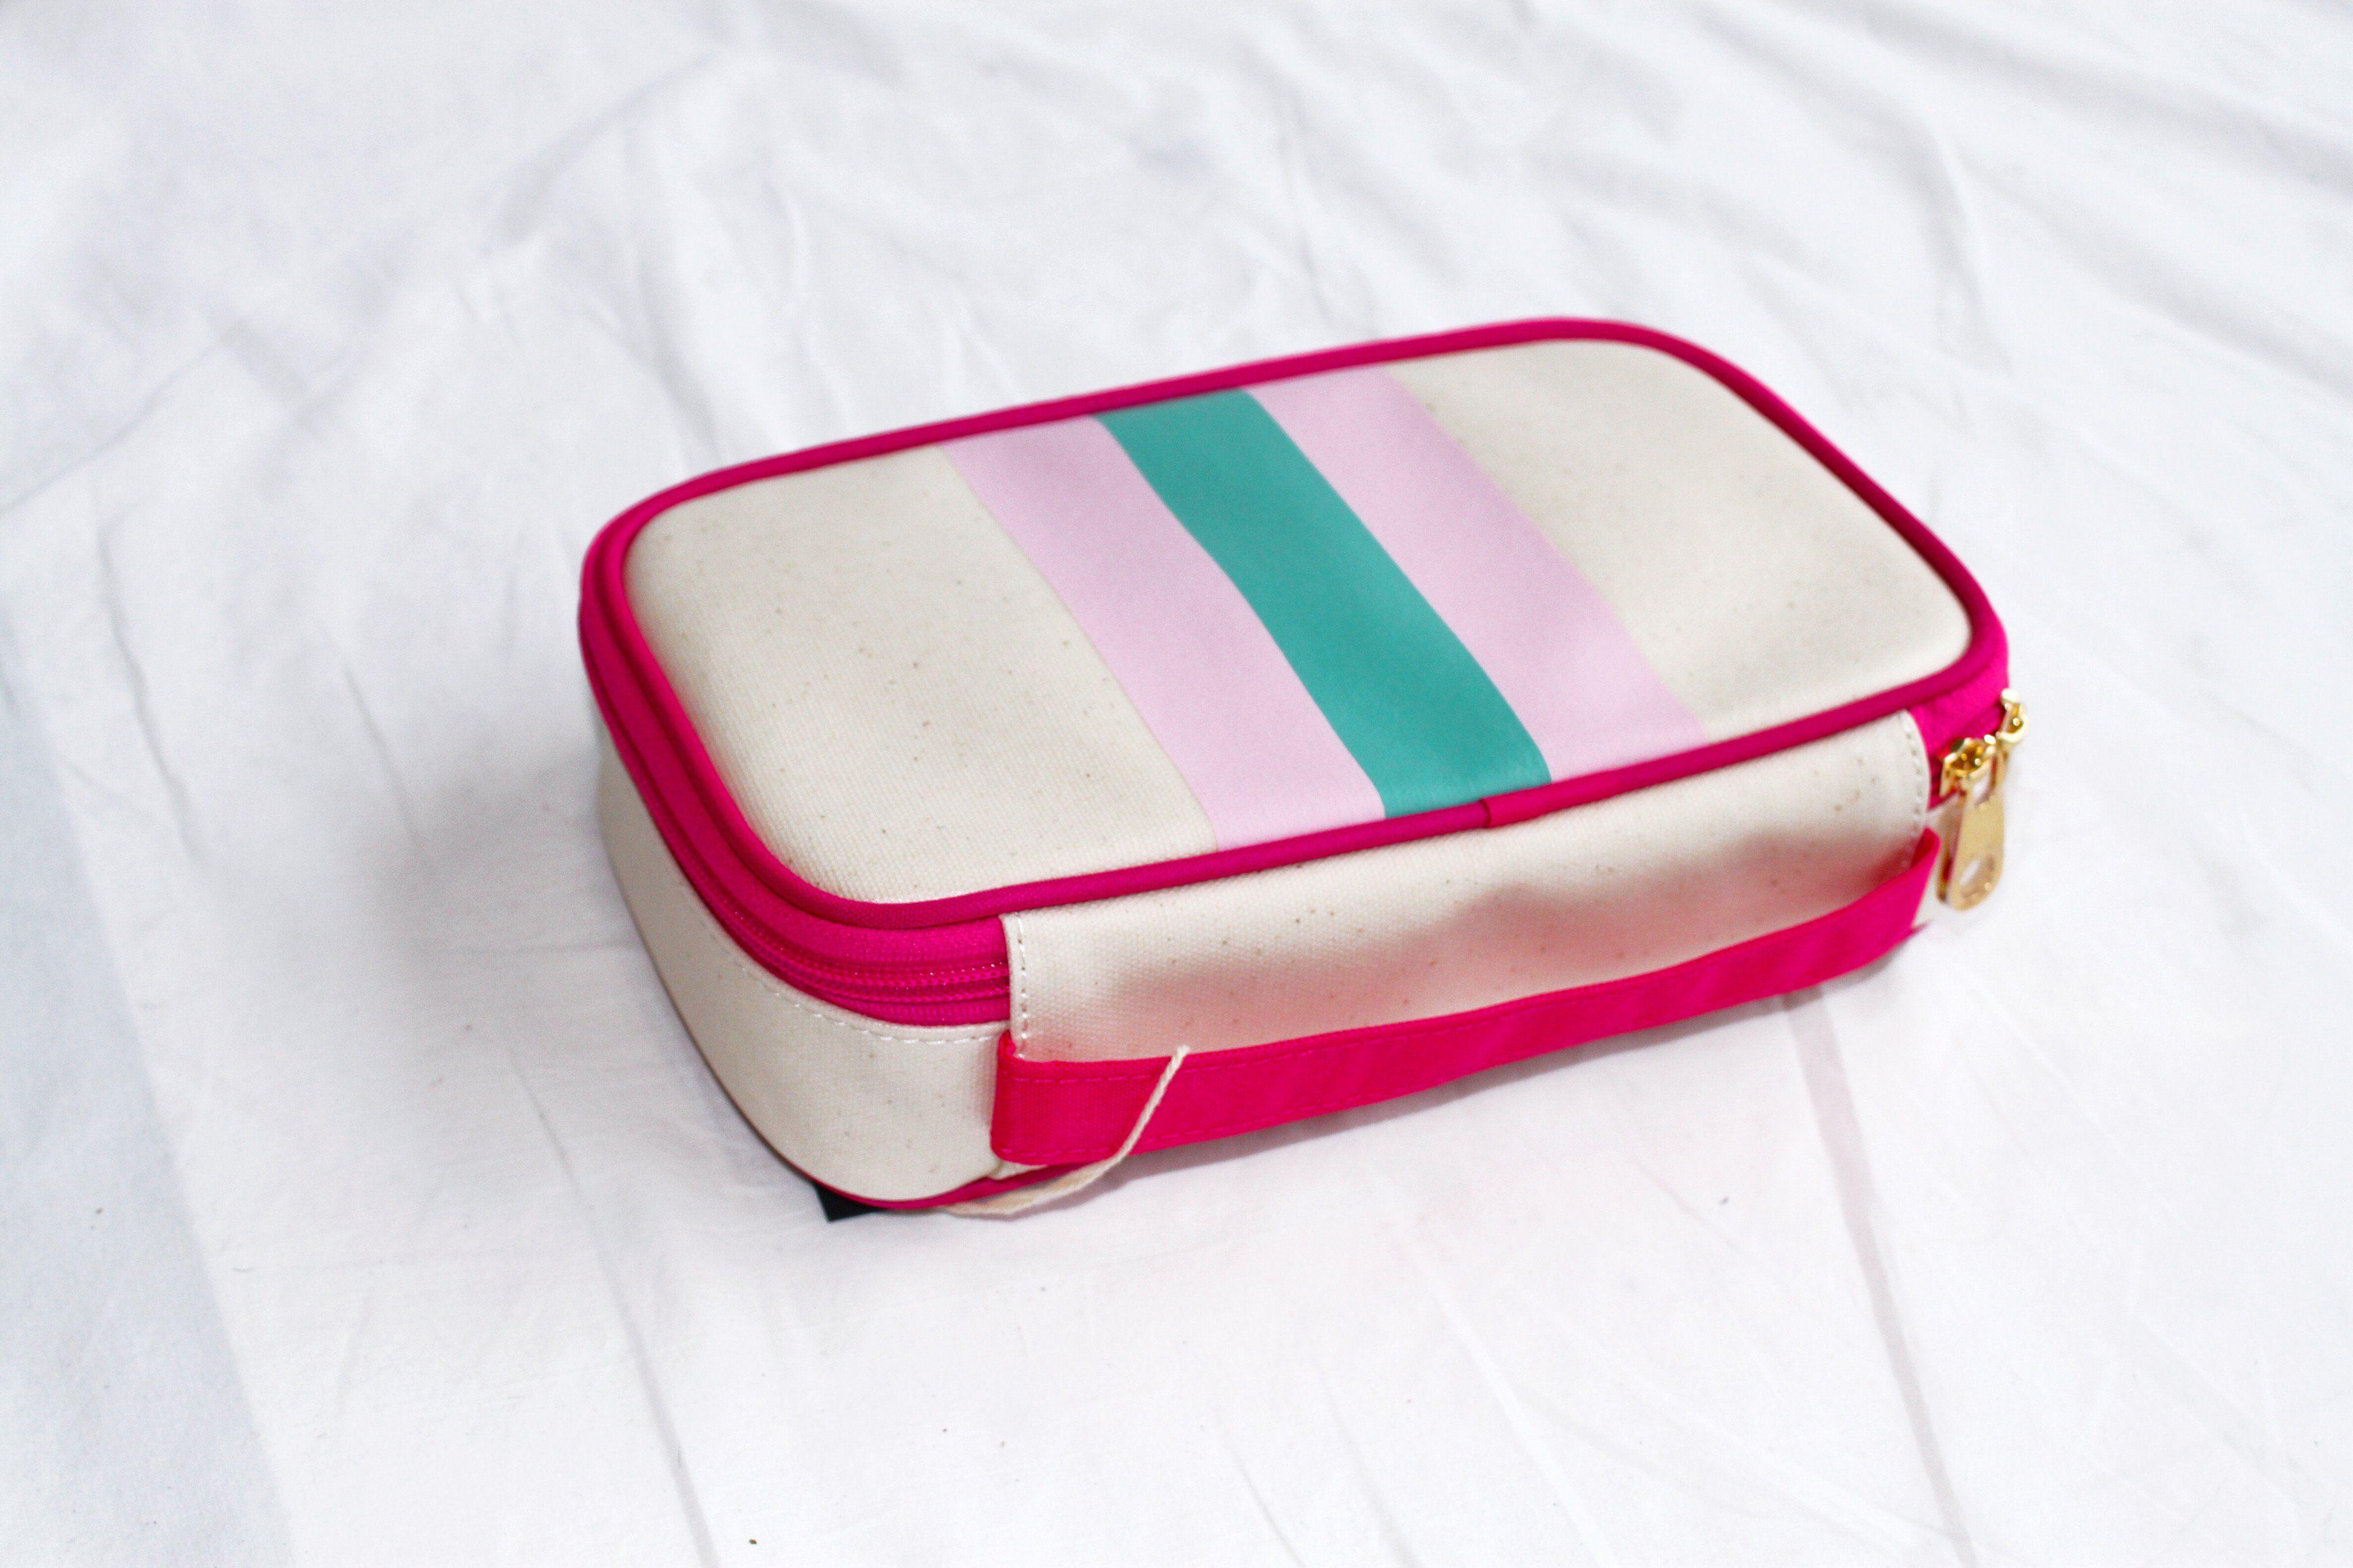 Beschichtete Leinwand mit Make-up-Tasche mit rosa und grünen Streifen